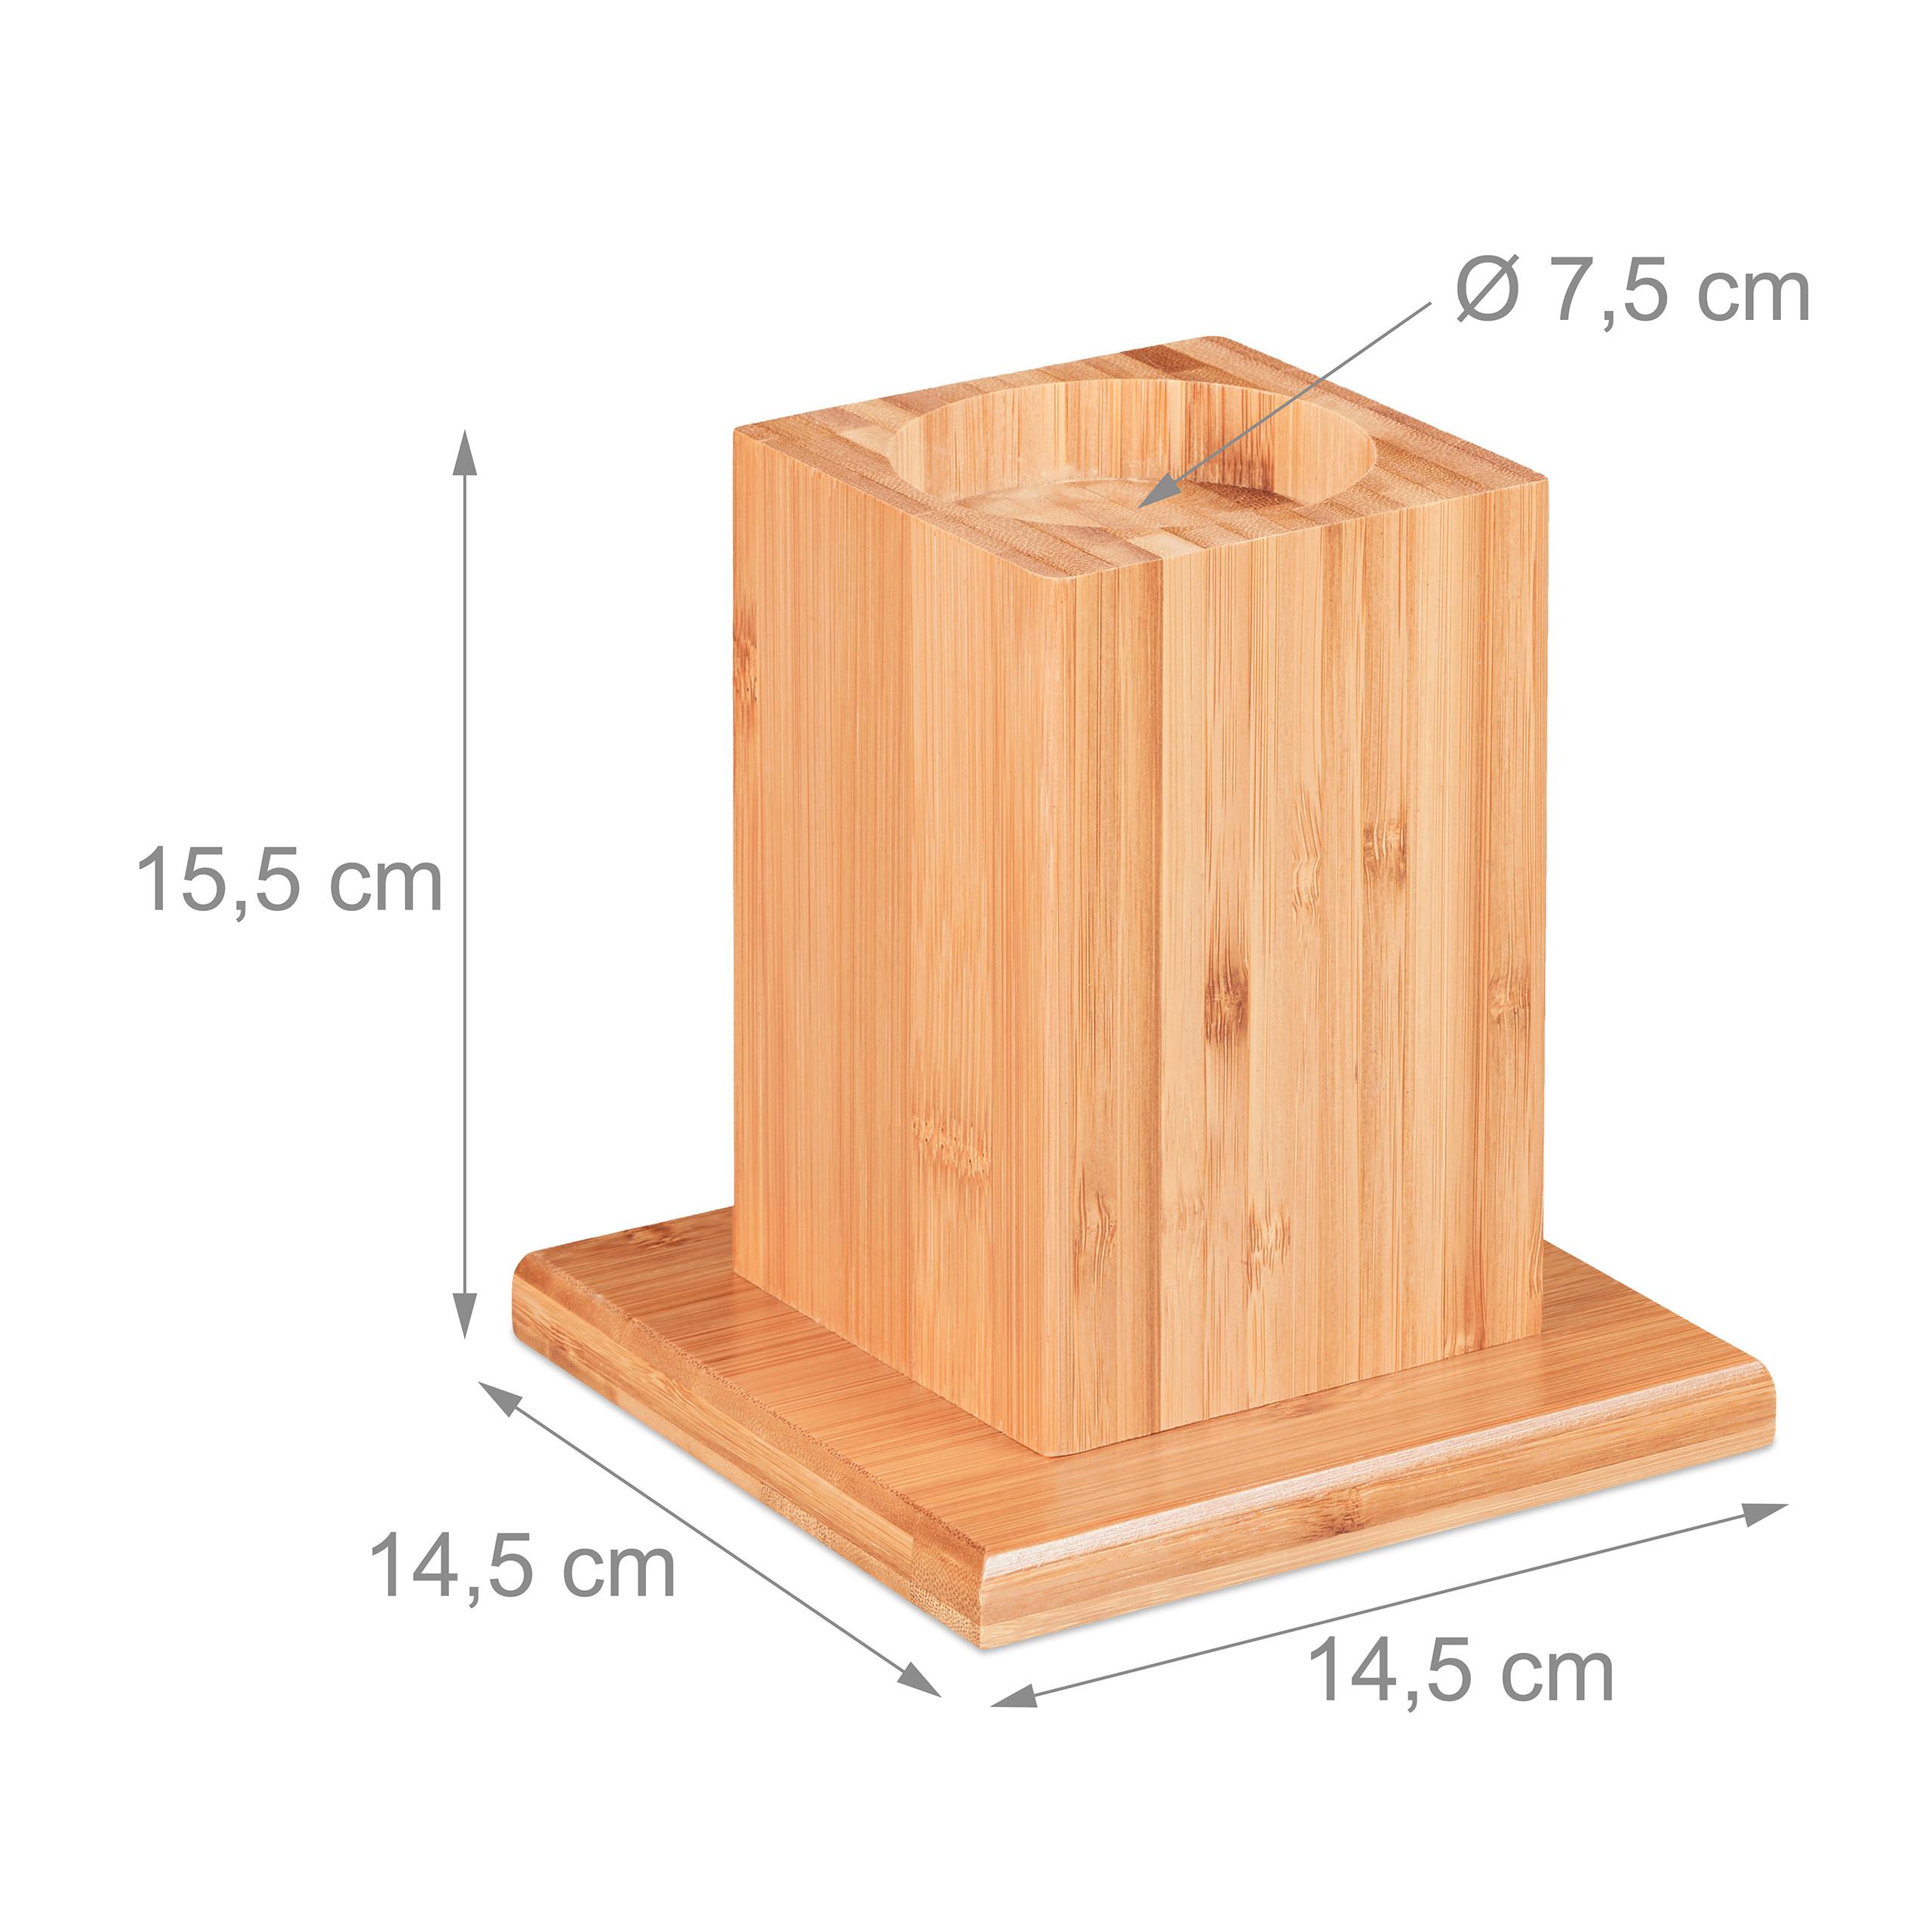 Indexbild 12 - Möbelerhöher Möbelerhöhung Möbelfüße Betterhöhung Betterhöher Bettfüße Bettfuß